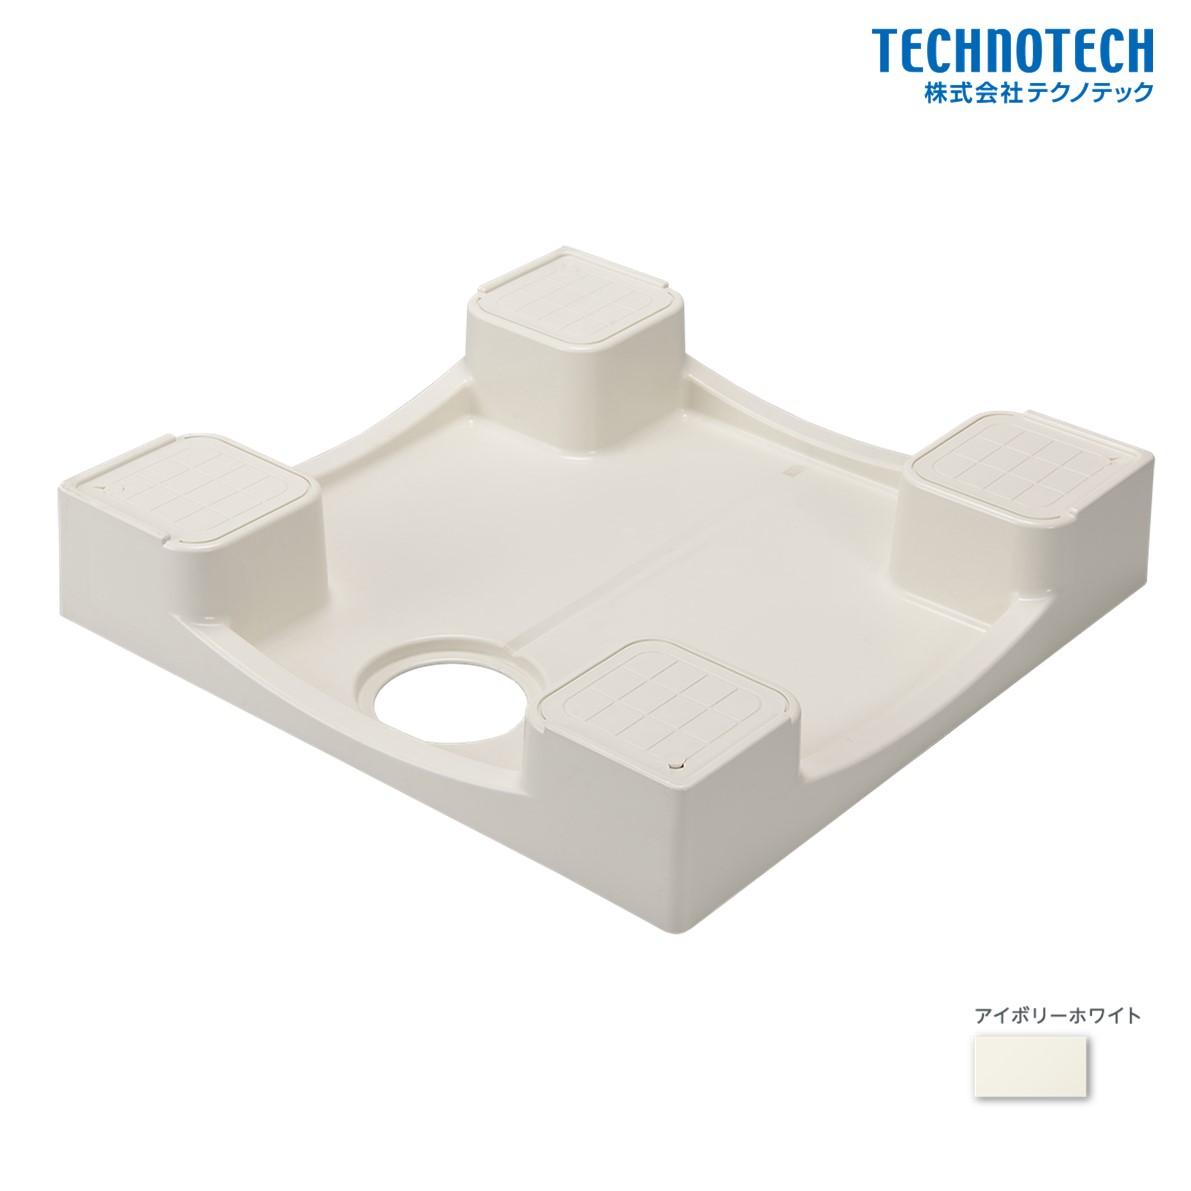 イージーパン TPD640-CW1 アイボリーホワイト